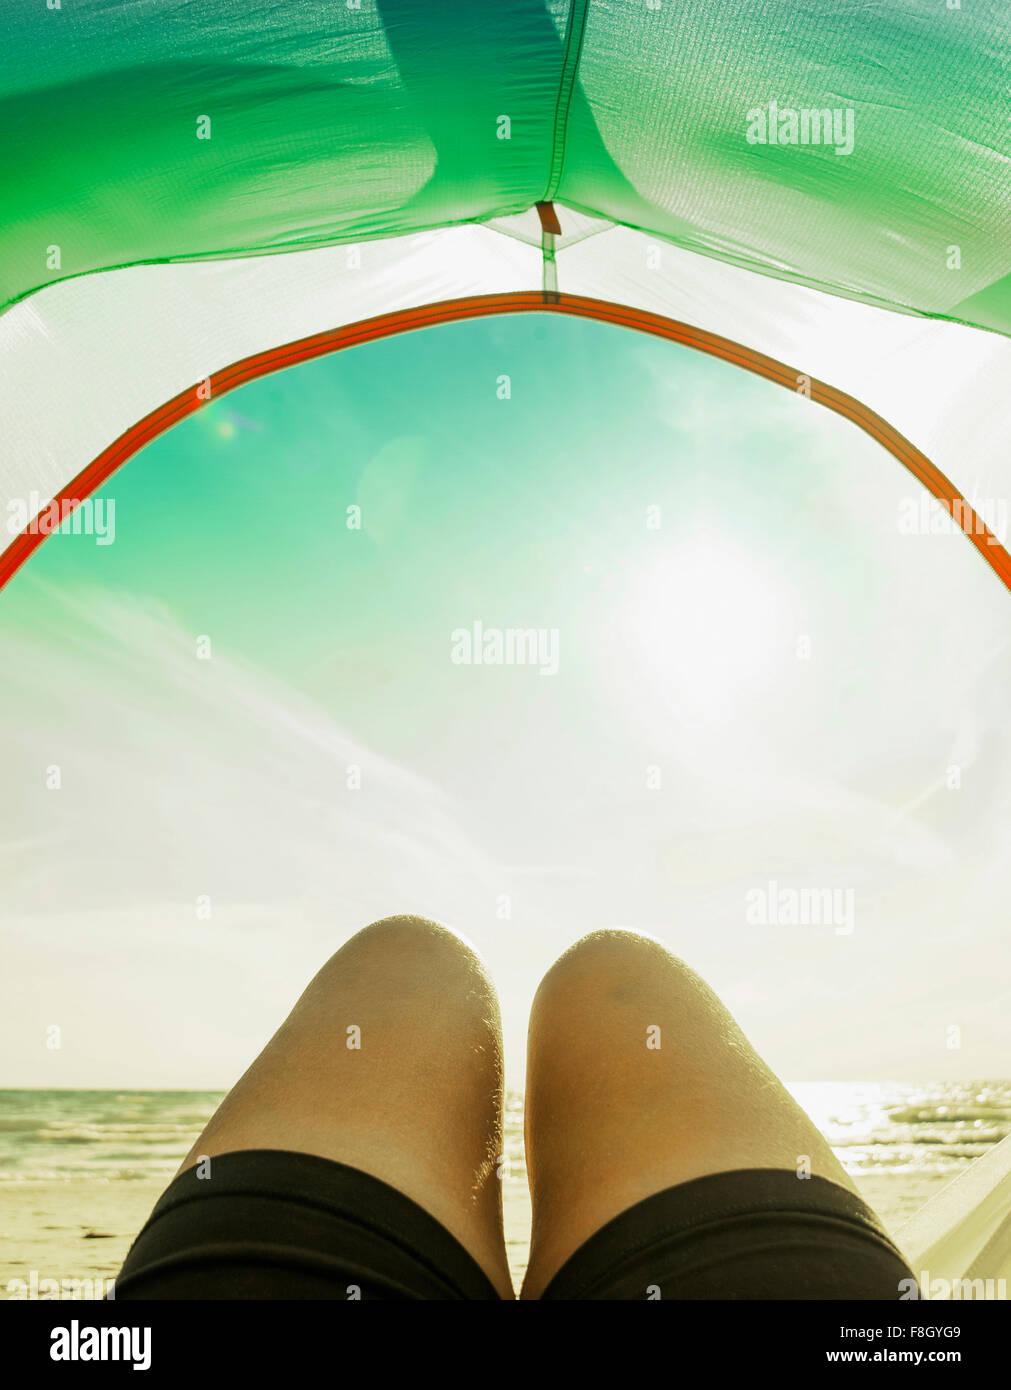 Beine in camping Zelttür am Strand Stockbild